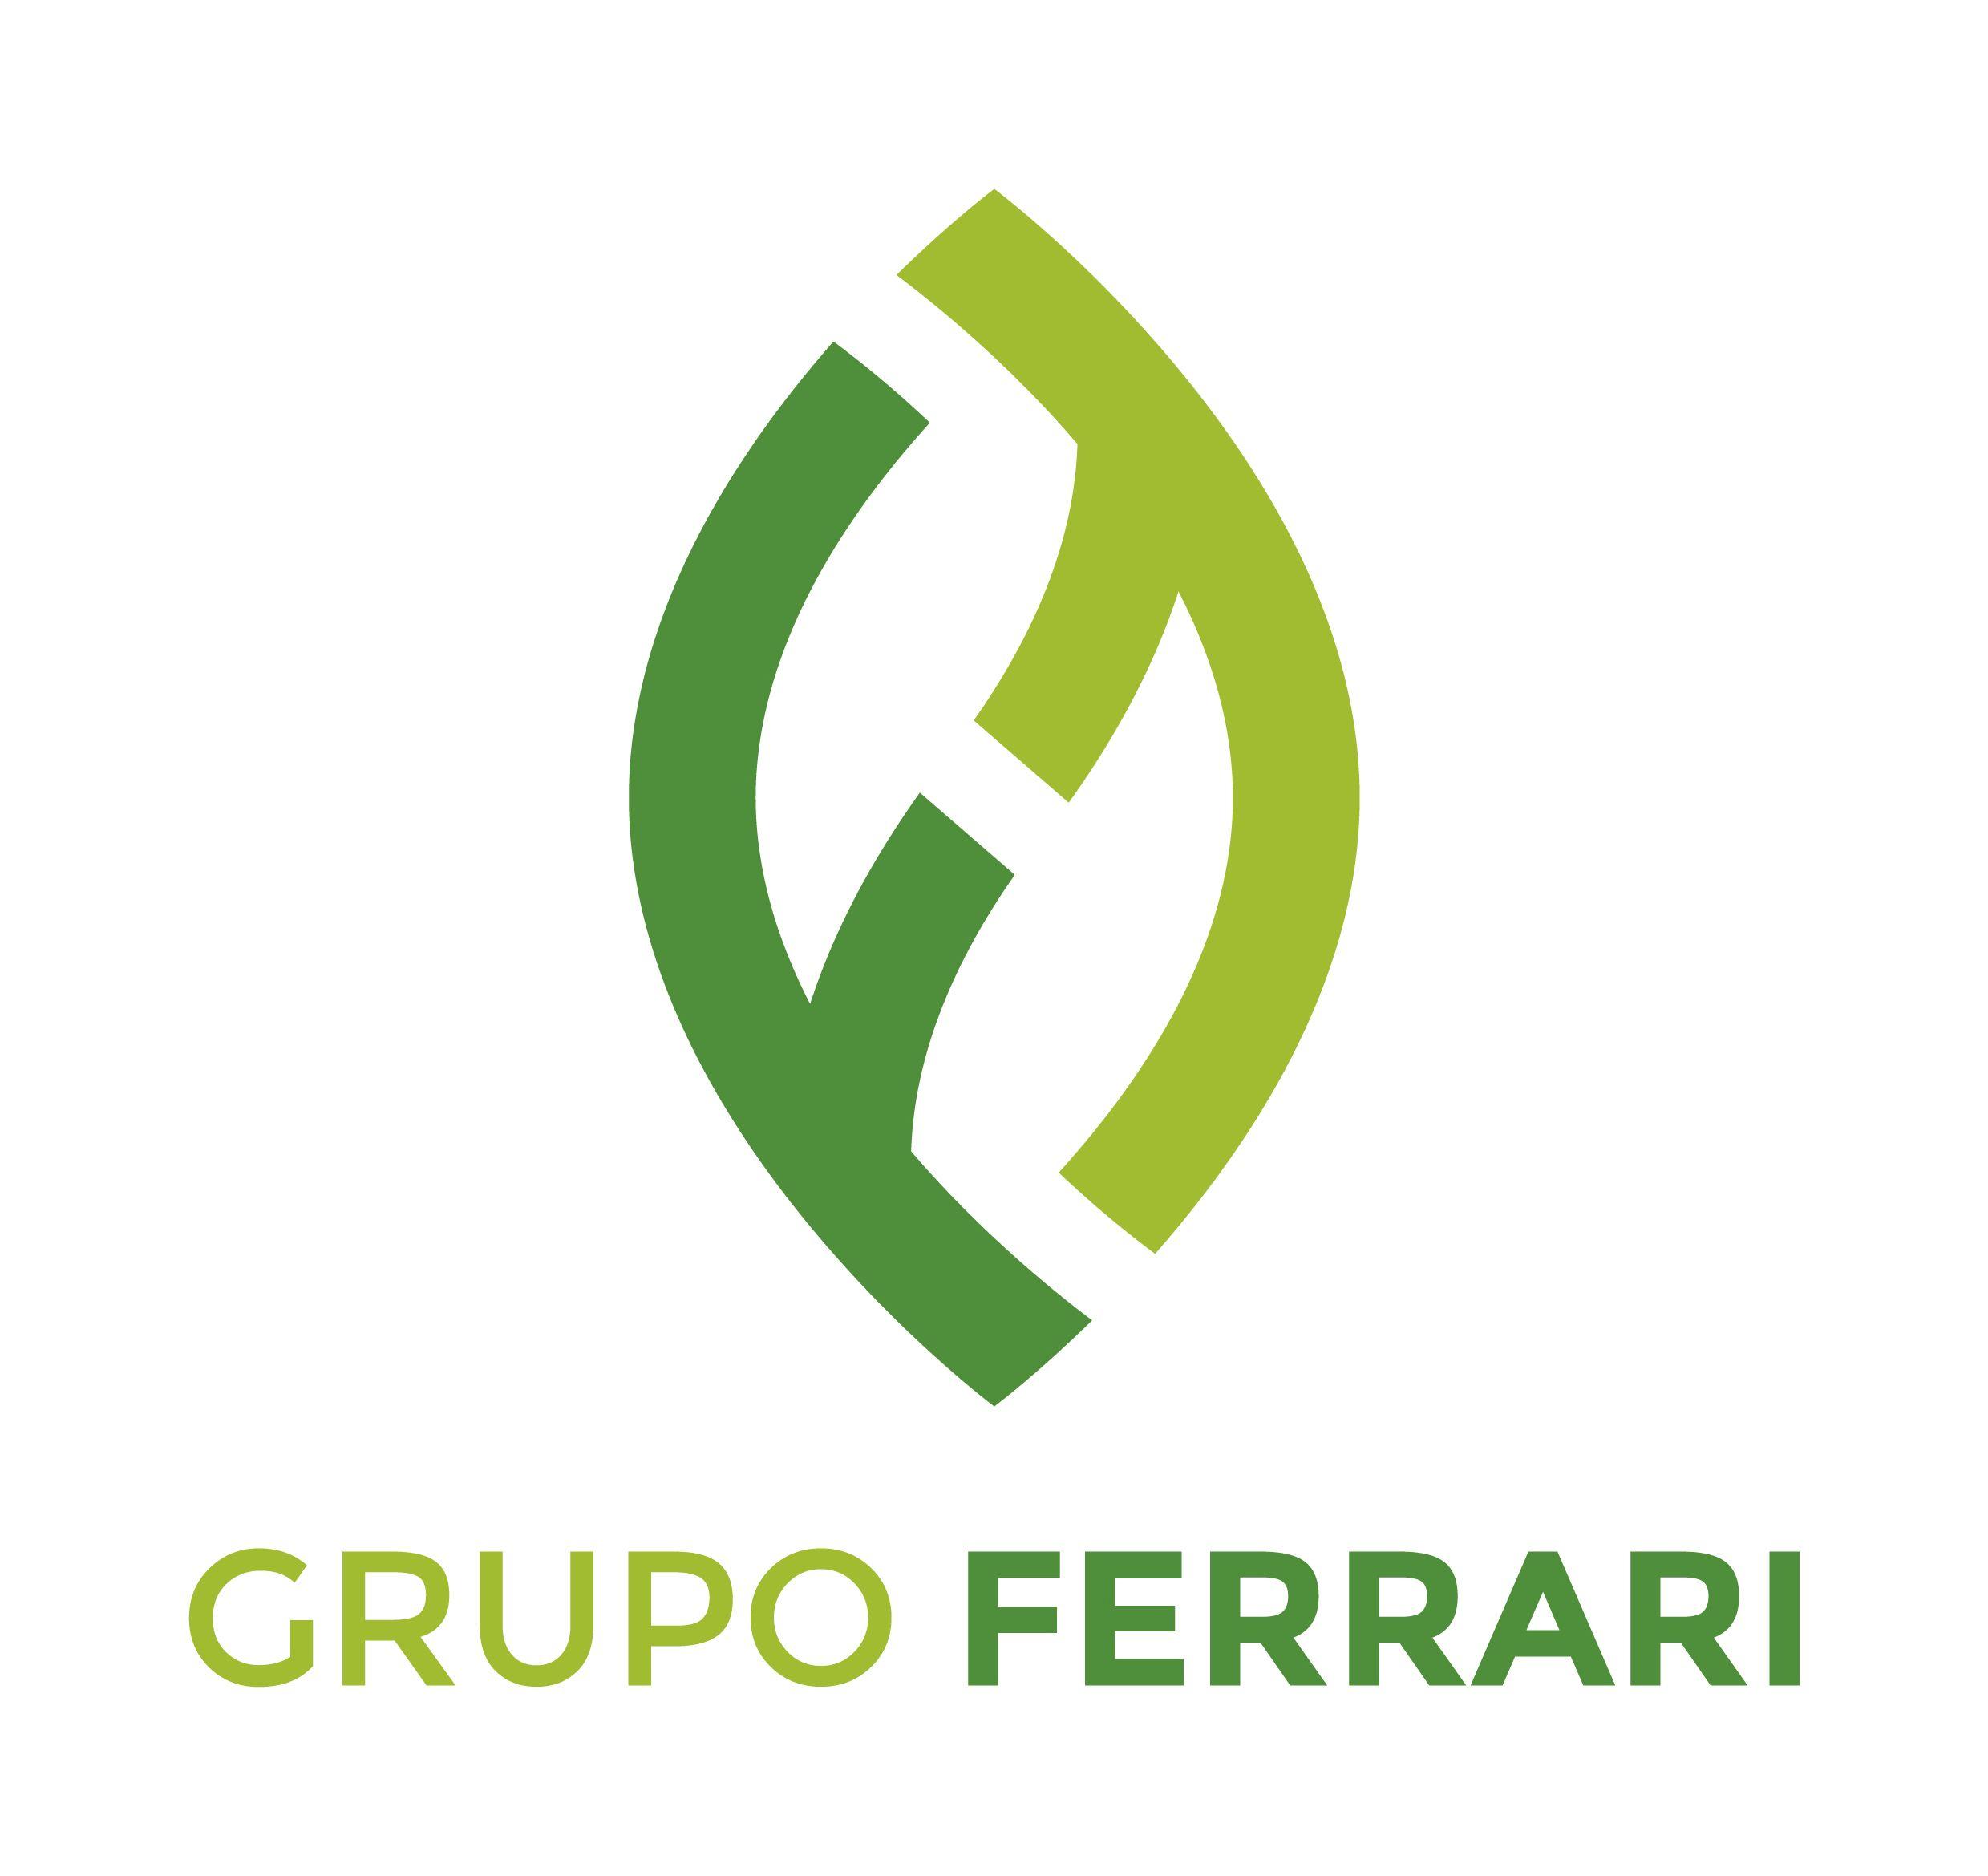 Grupo Ferrari